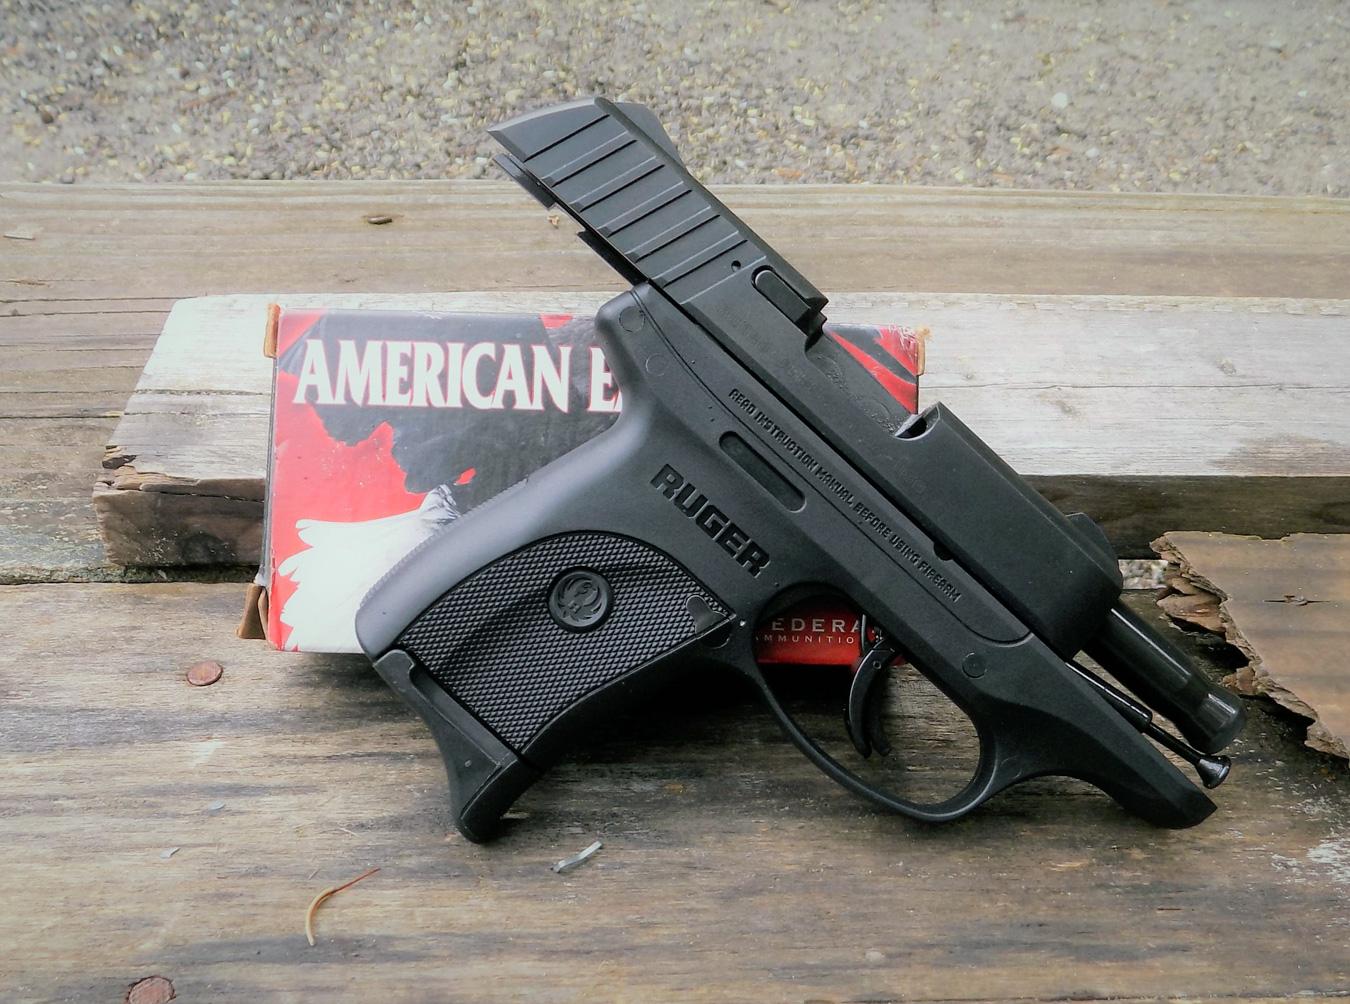 Gun Test: Ruger EC9s — Ruger's Best Buy 9mm - The K-Var Armory